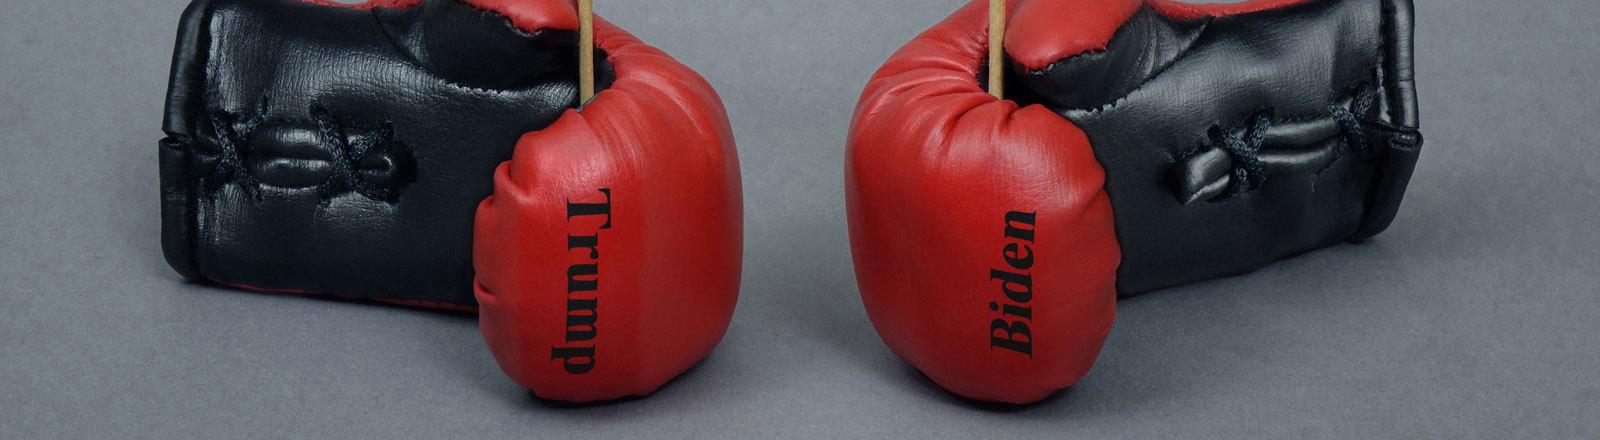 Zwei Boxhandschuhe